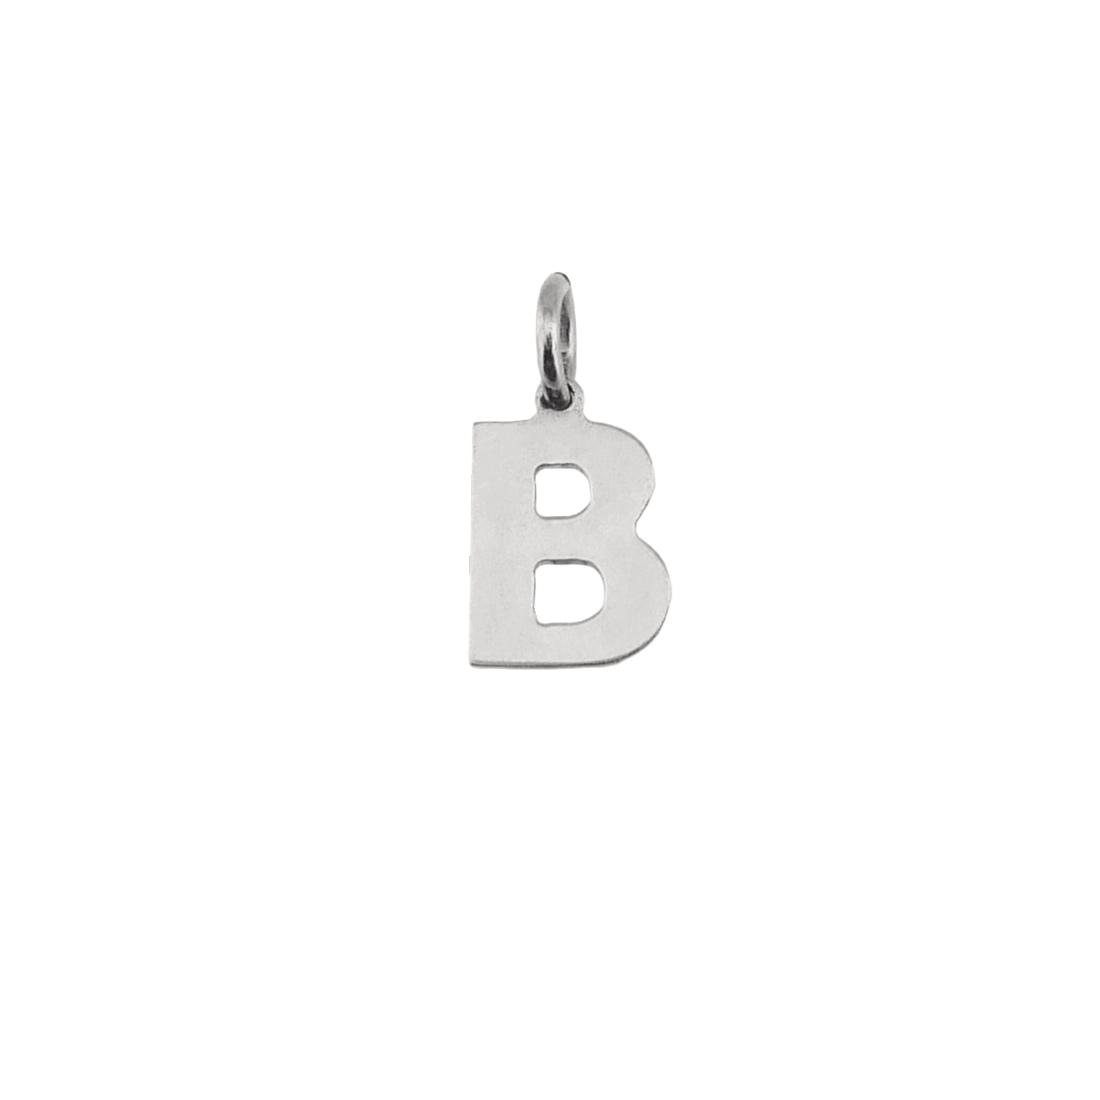 b-silver